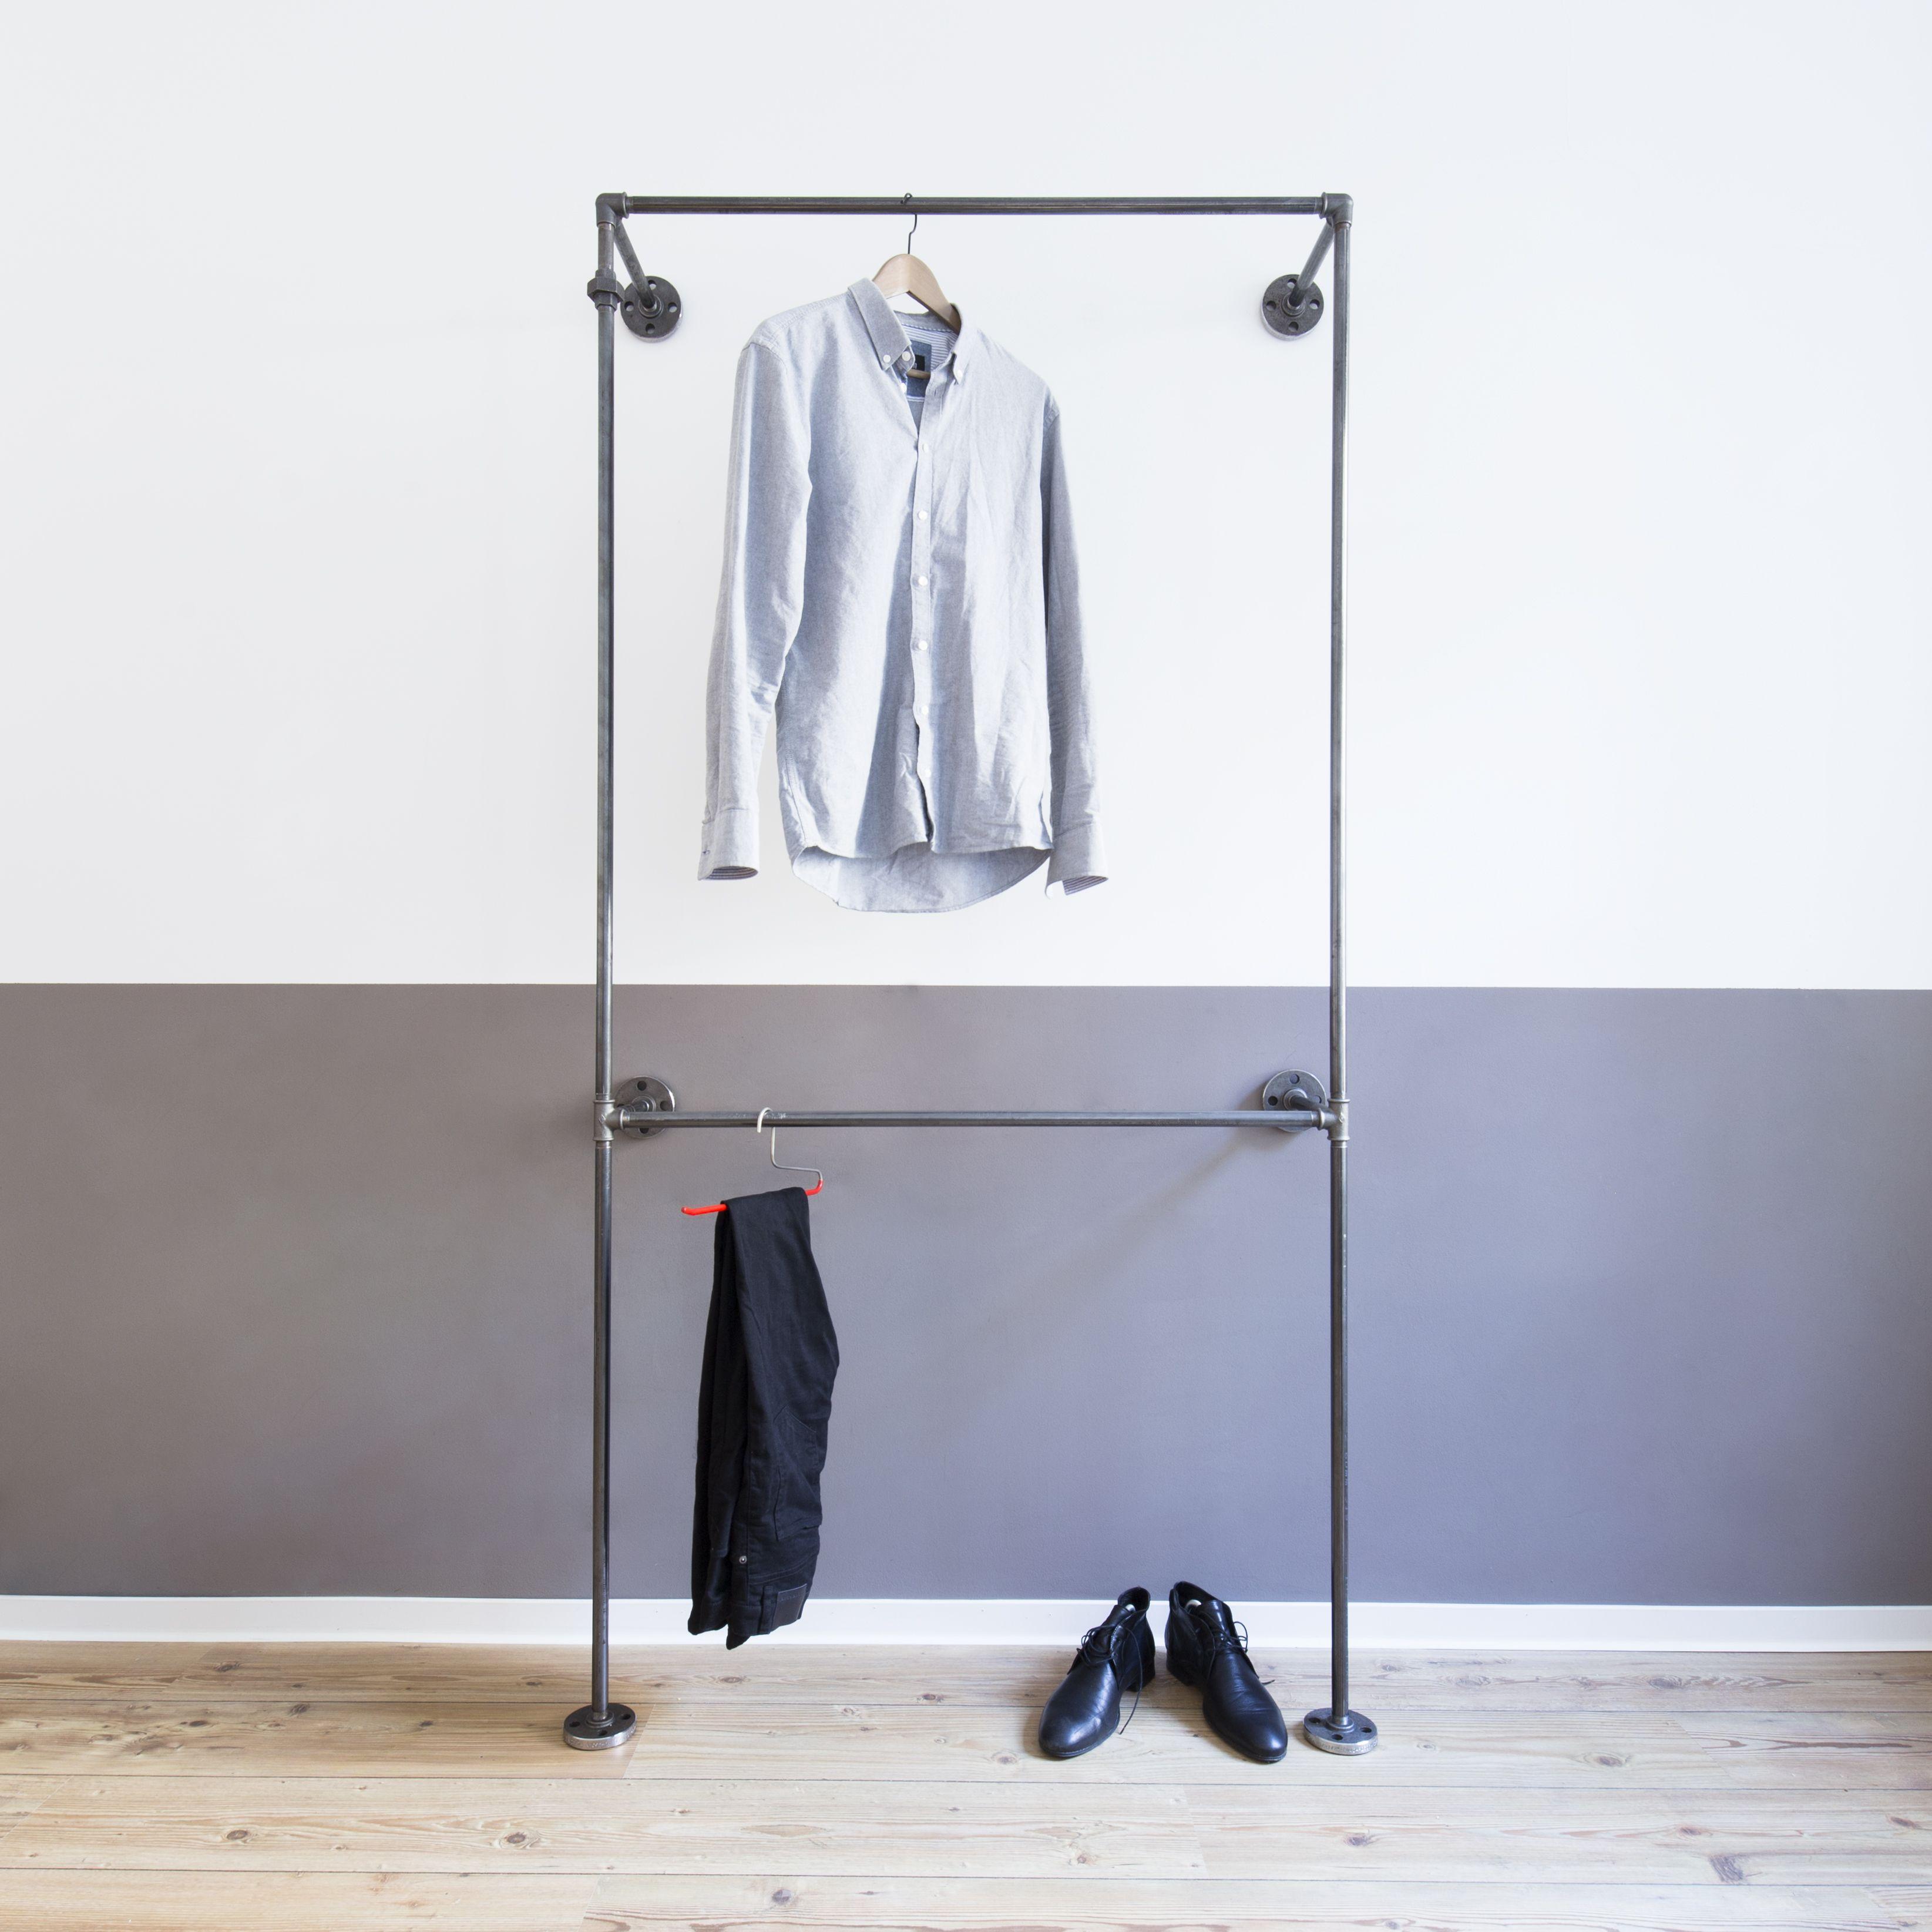 Befestigung Für Kleiderstange offener kleiderschrank open wardrobe kleiderstange clothes